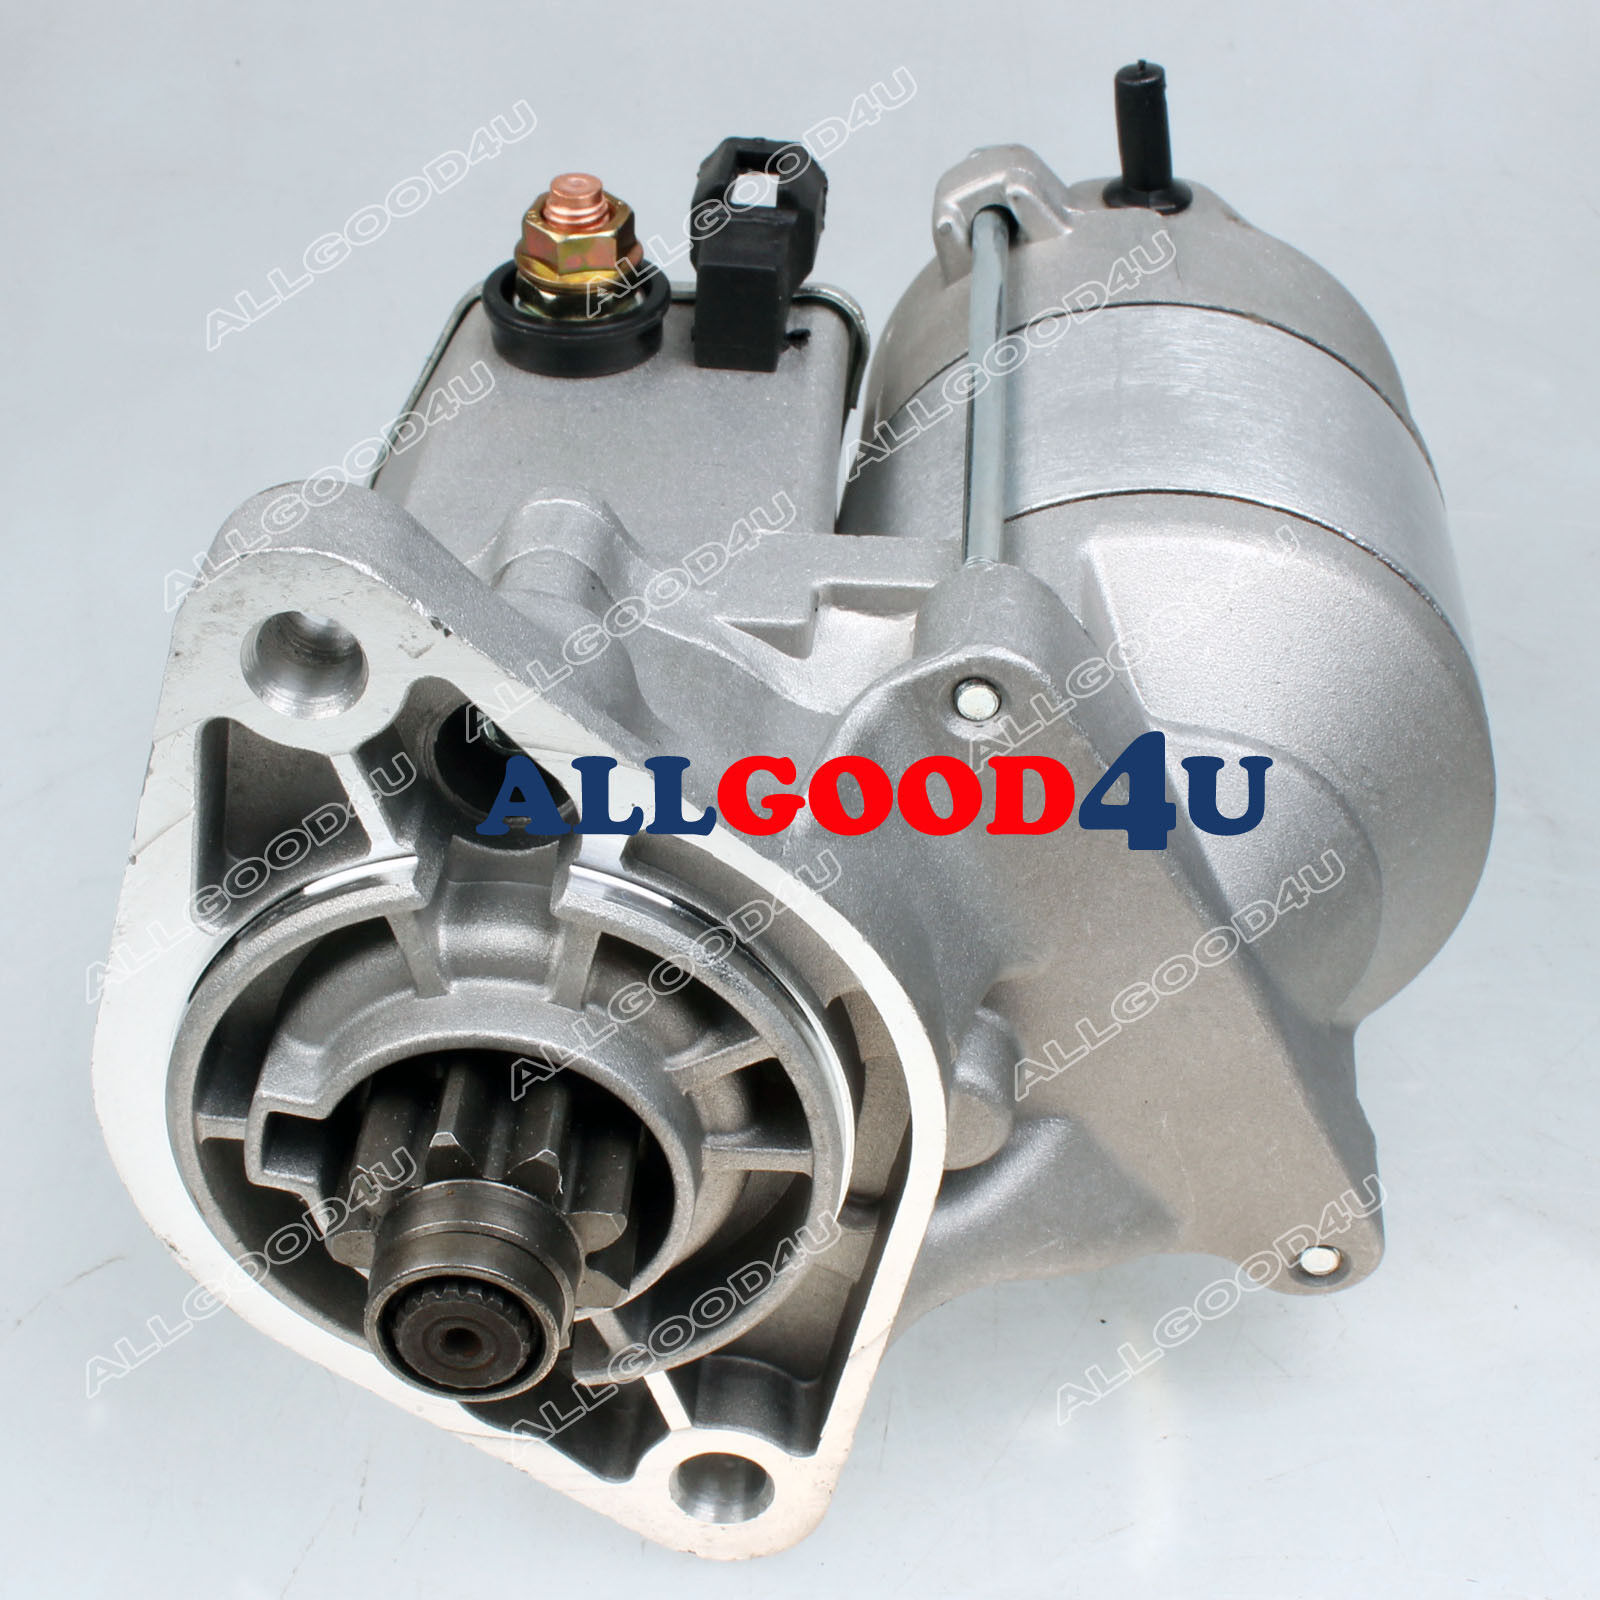 Starter Motor 228000-0980 228000-0981 37560-63010 for Denso Kubota 1.2KW 12V 9T